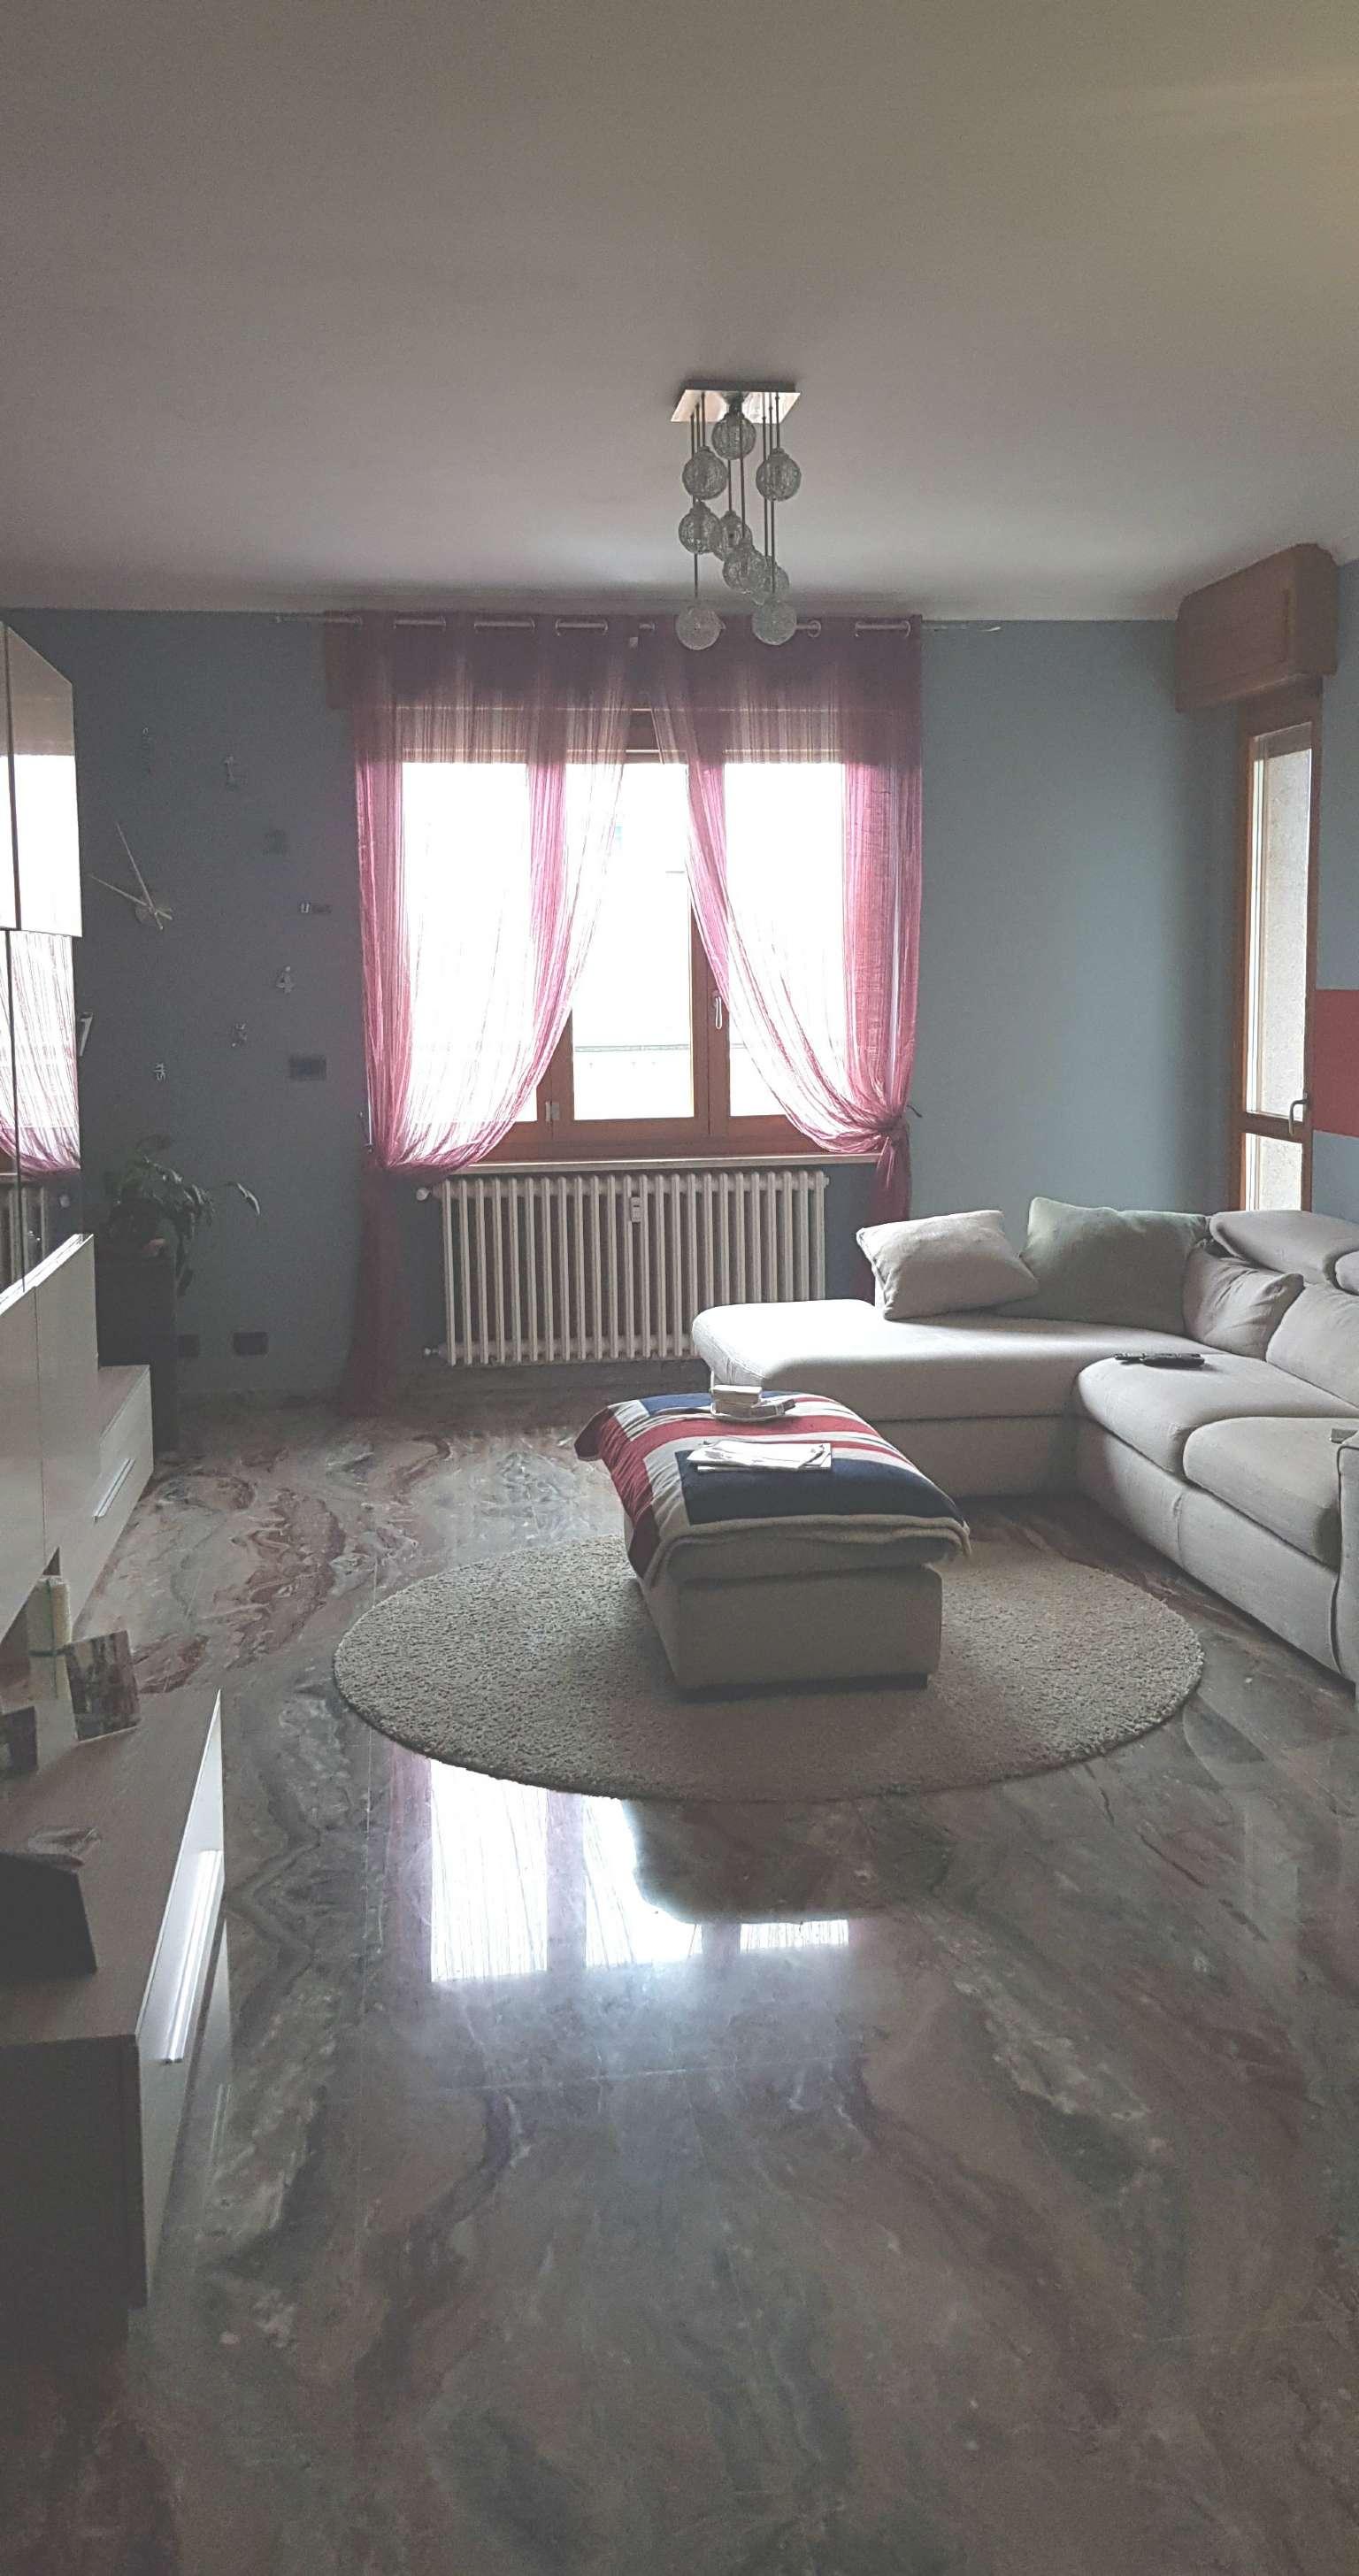 Appartamento in affitto a Ciriè, 4 locali, prezzo € 700 | CambioCasa.it